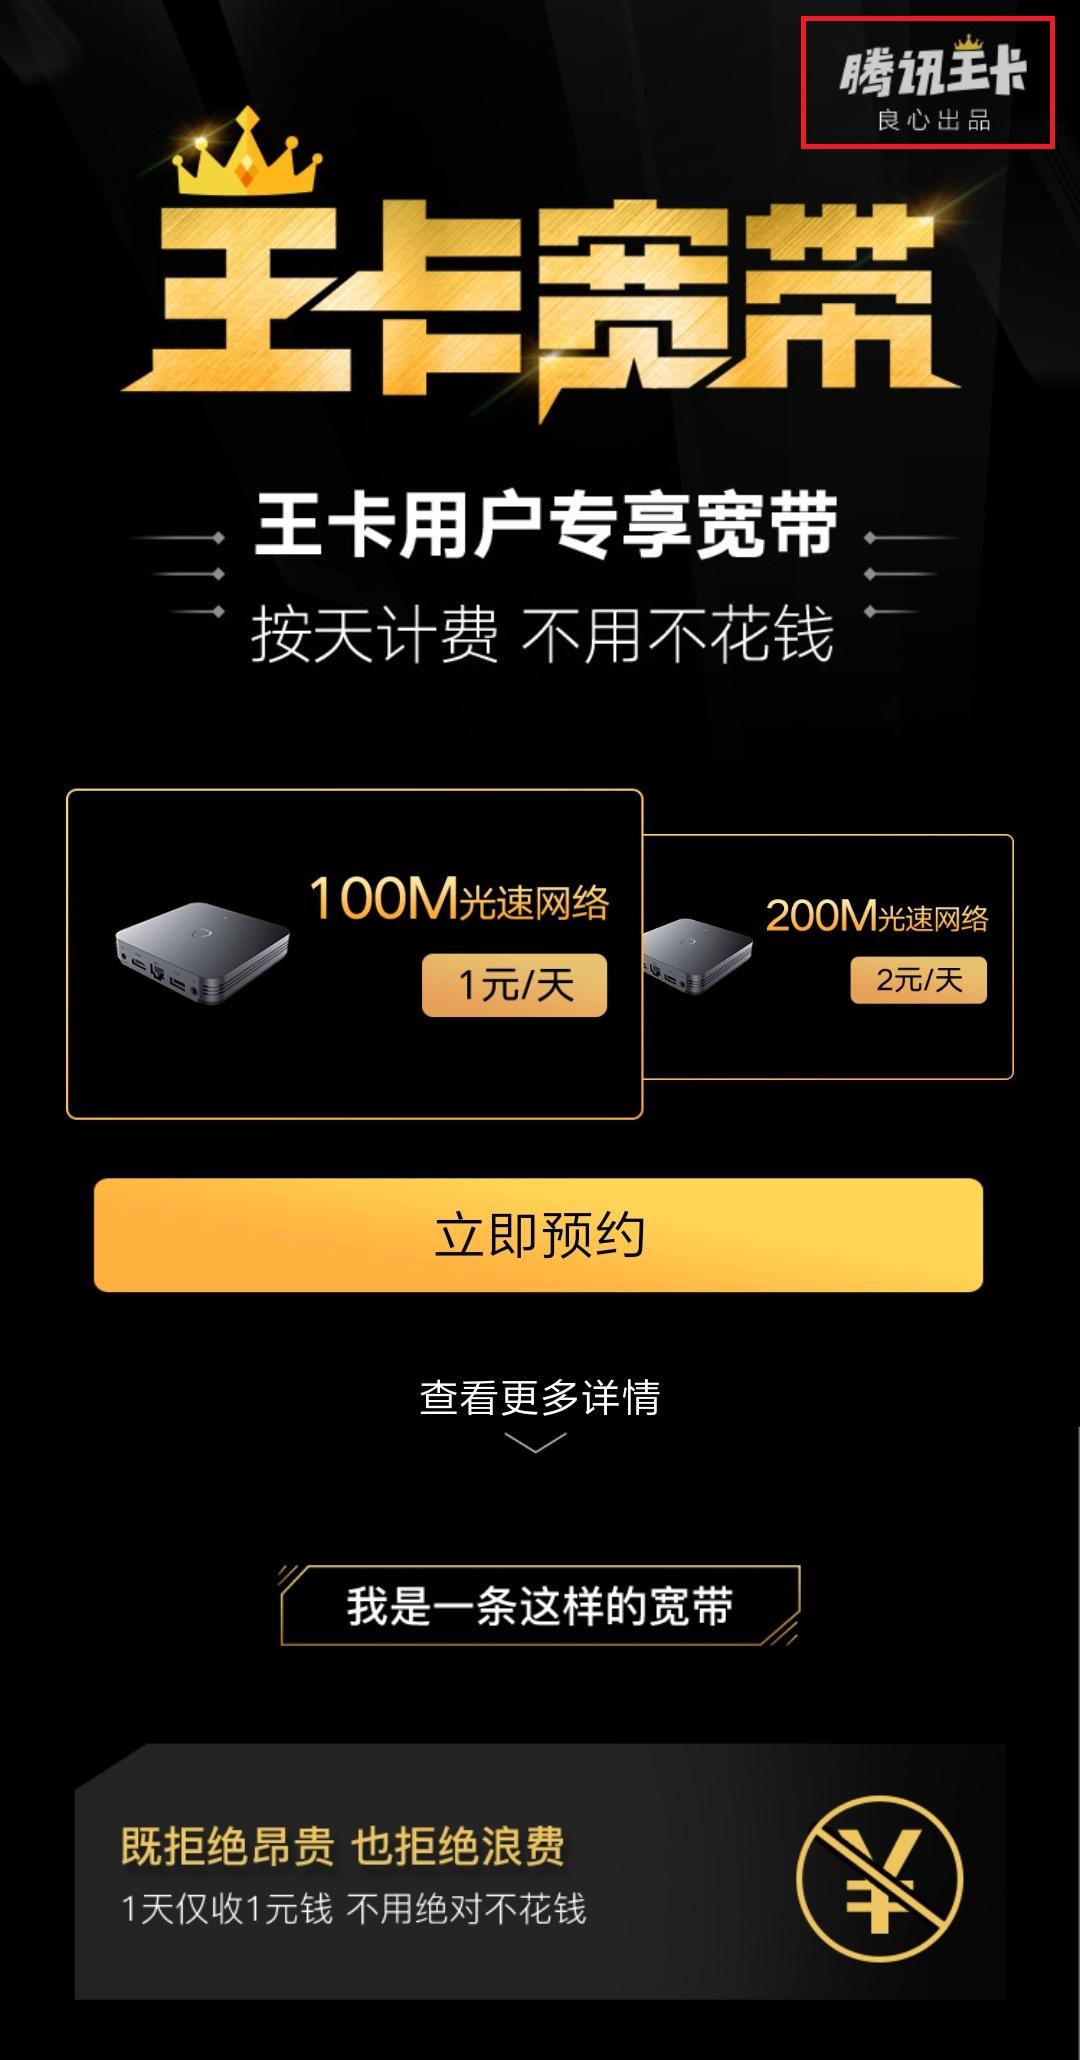 河南联通,您给中国联通王卡宽带抹了黑,让良心产品不良心